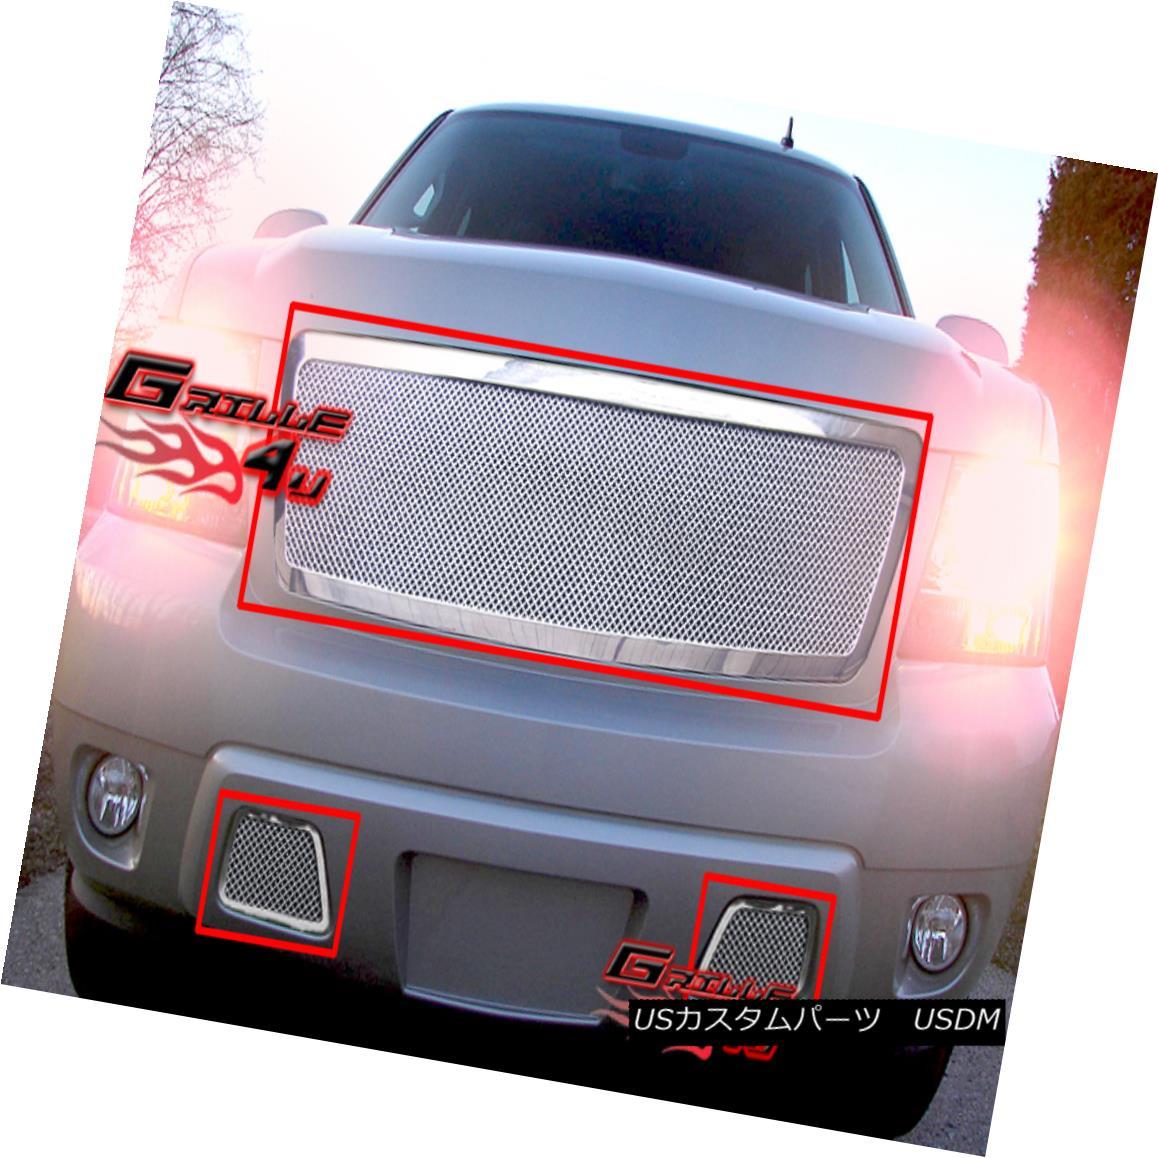 グリル For 2007-2013 Chevy Tahoe/Suburban/Avalanche Mesh Grille Insert Combo 2007-2013シボレータホ/郊外 /アバランチェメッシュグリルインサートコンボ用